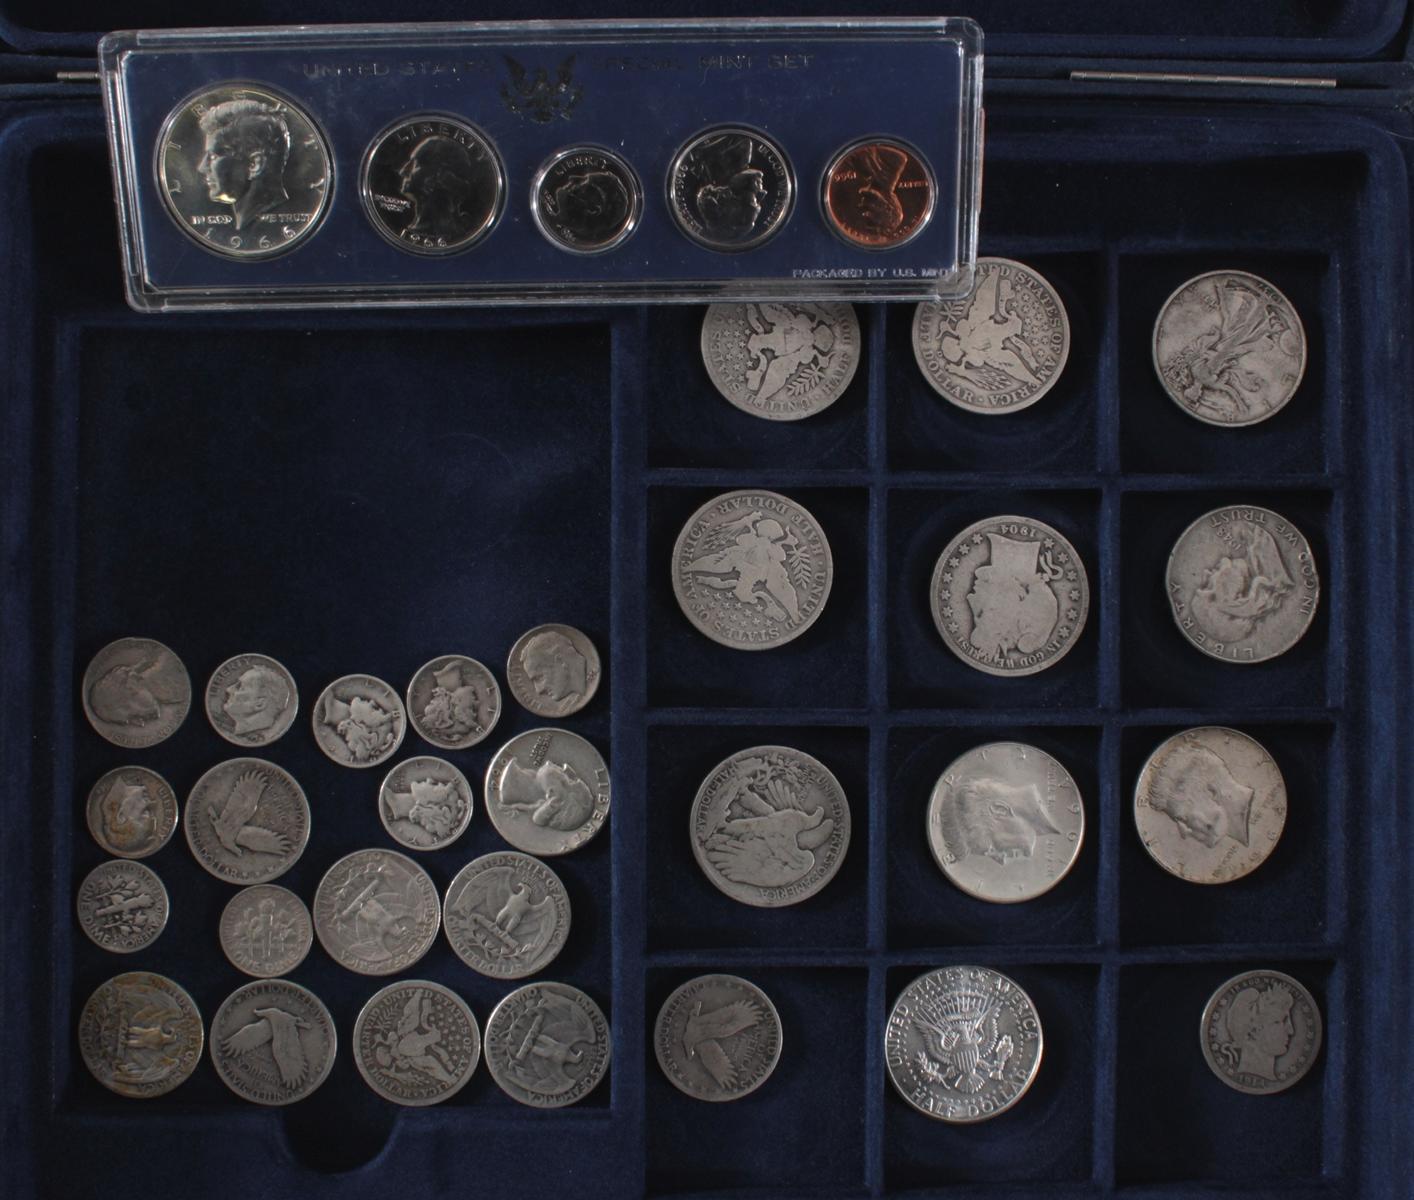 USA, Münzsammlung in blauer Sammelbox